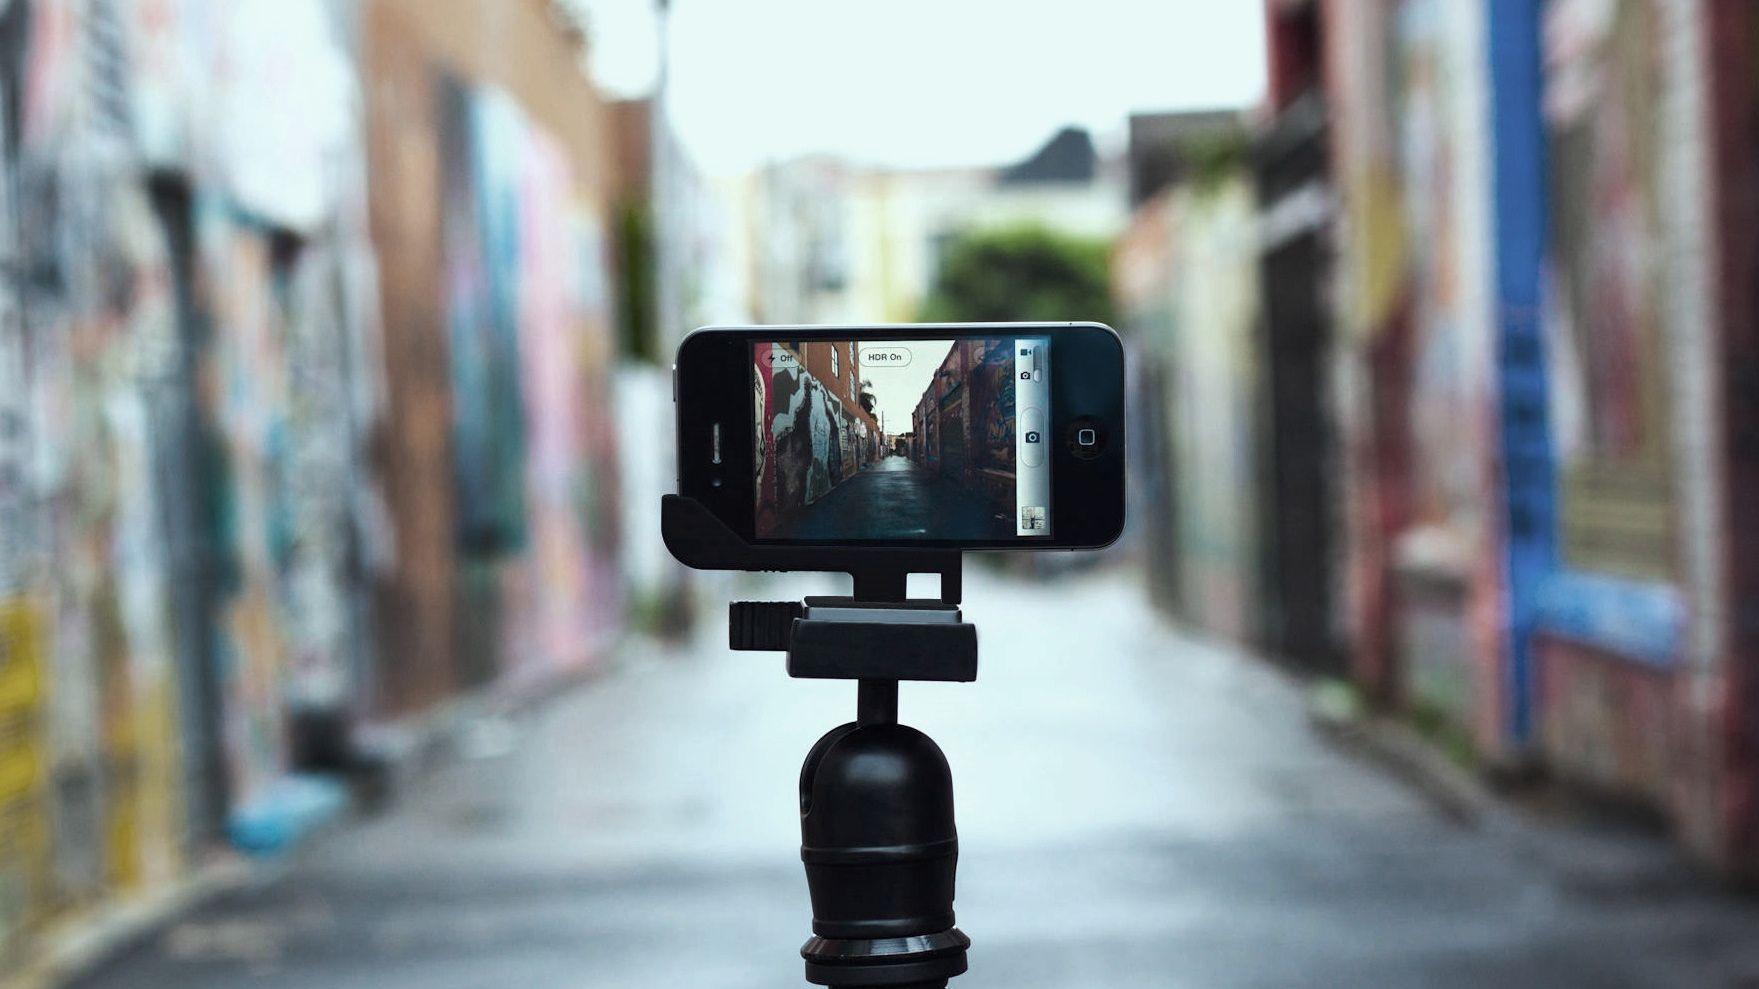 Billede af smartphone på stander